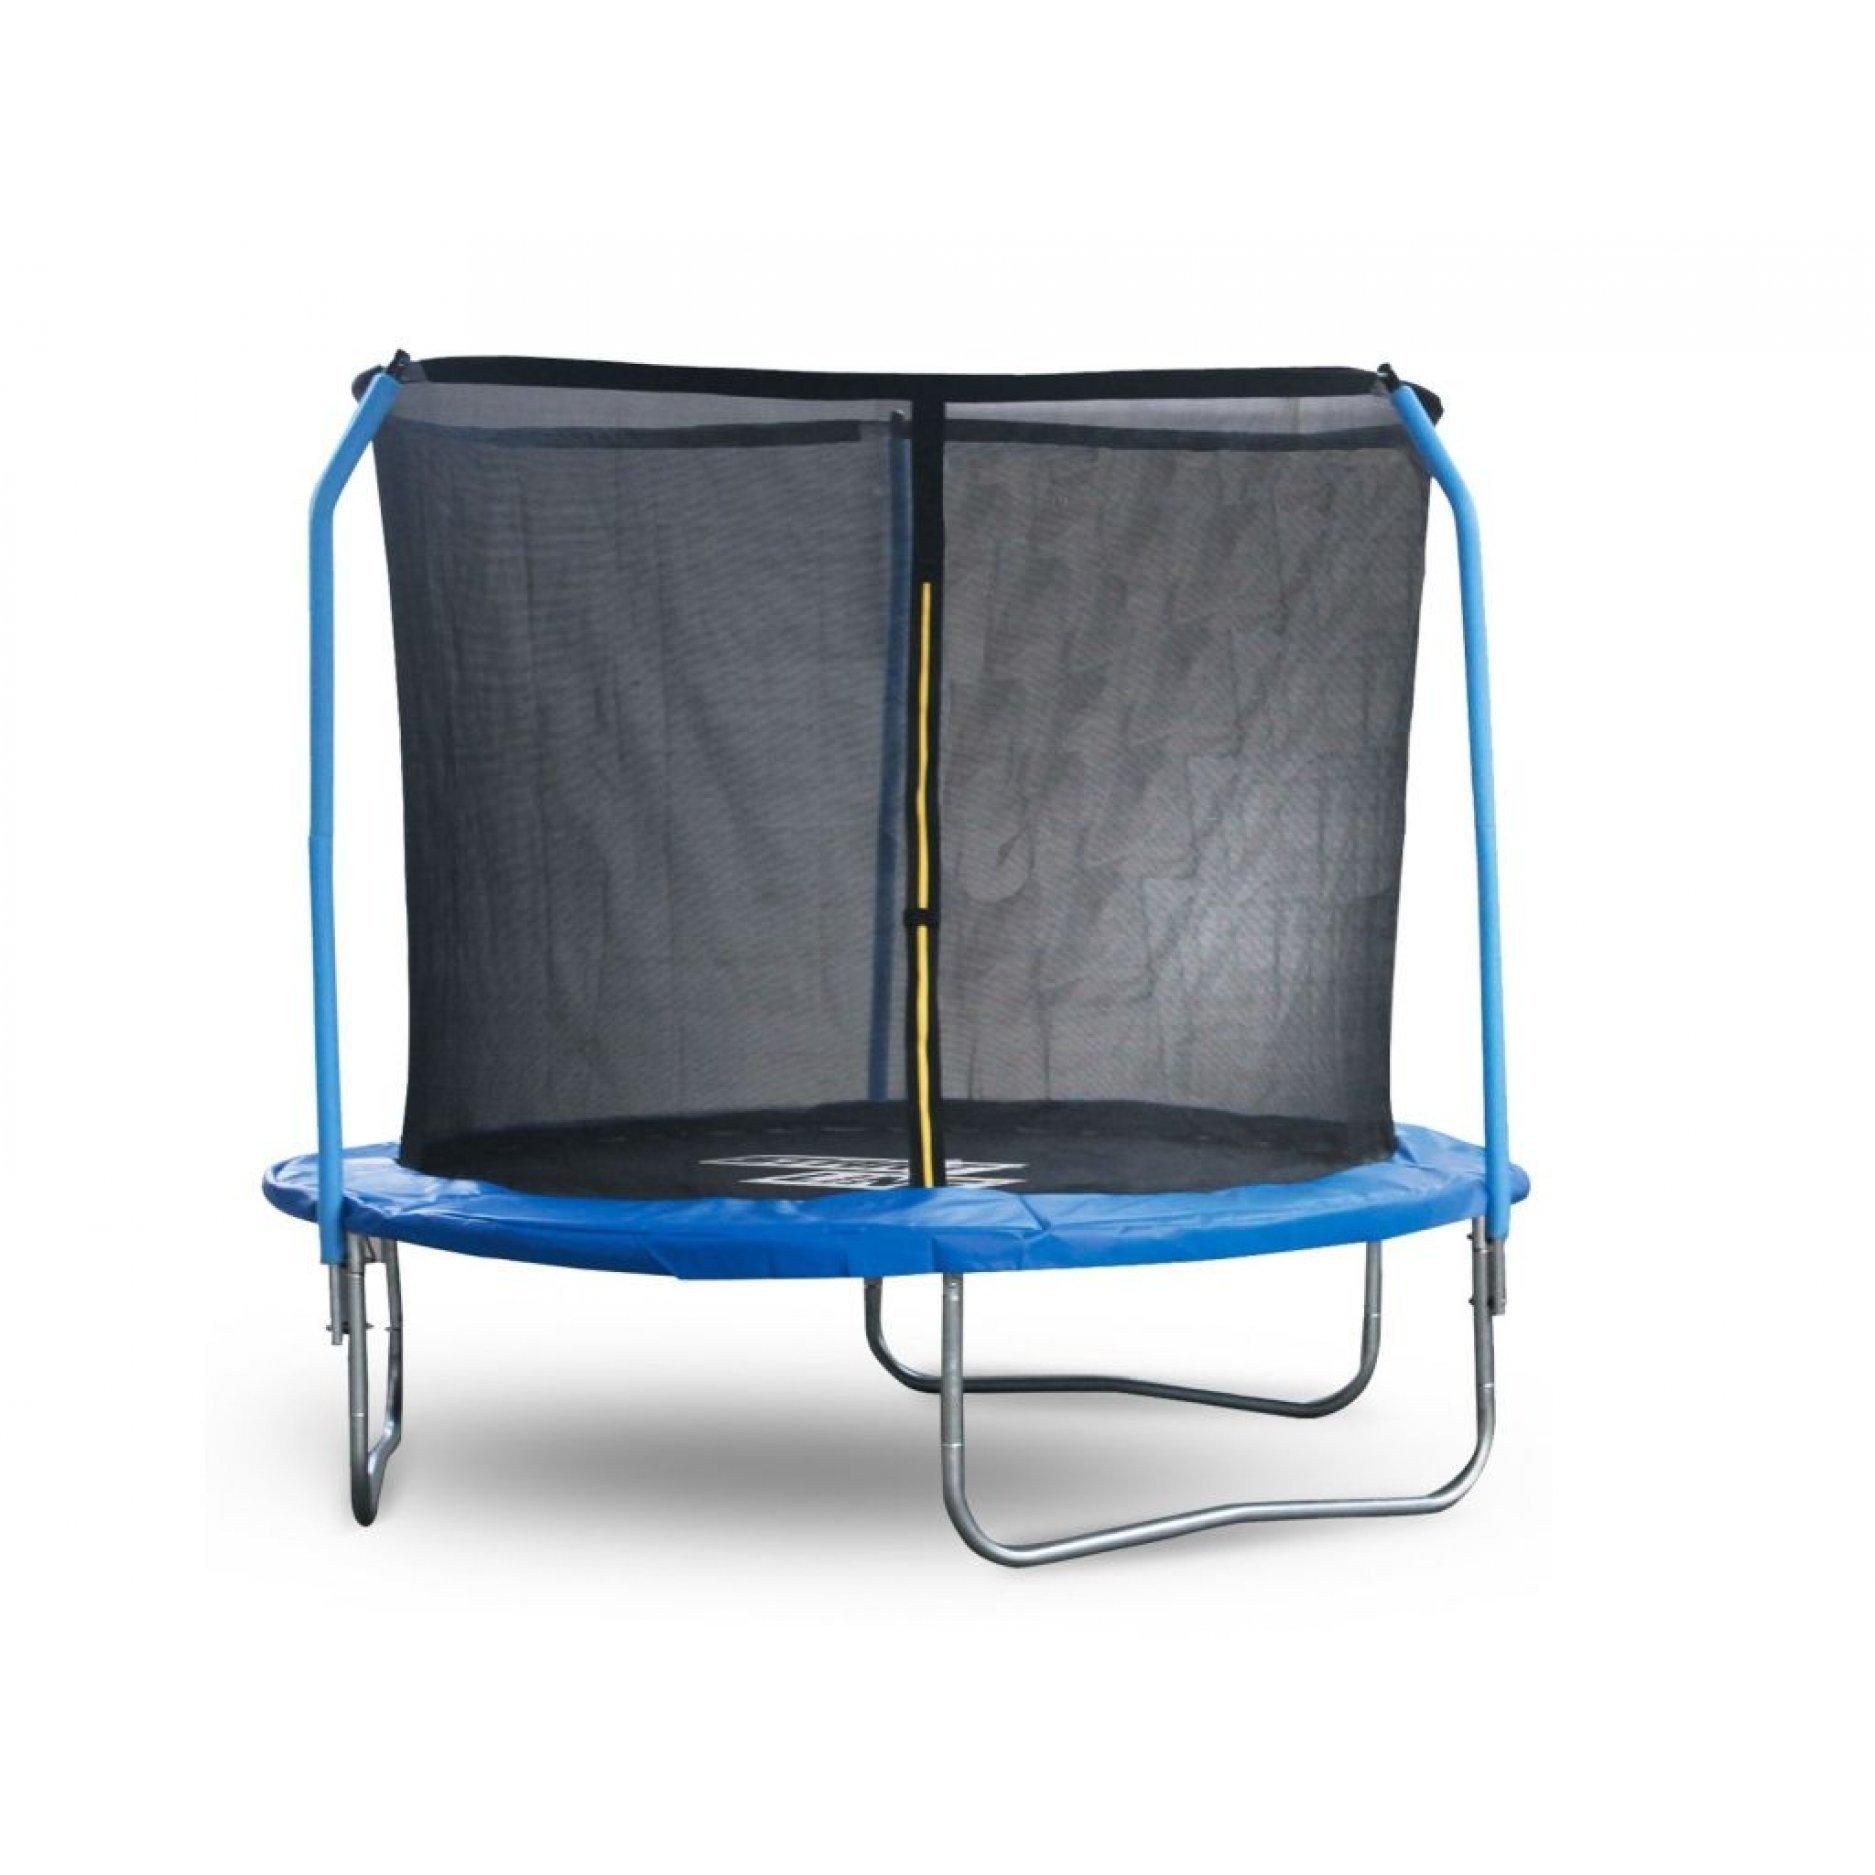 Батут Start Line Fitness 8 футов (244 см) с внутренней сеткой